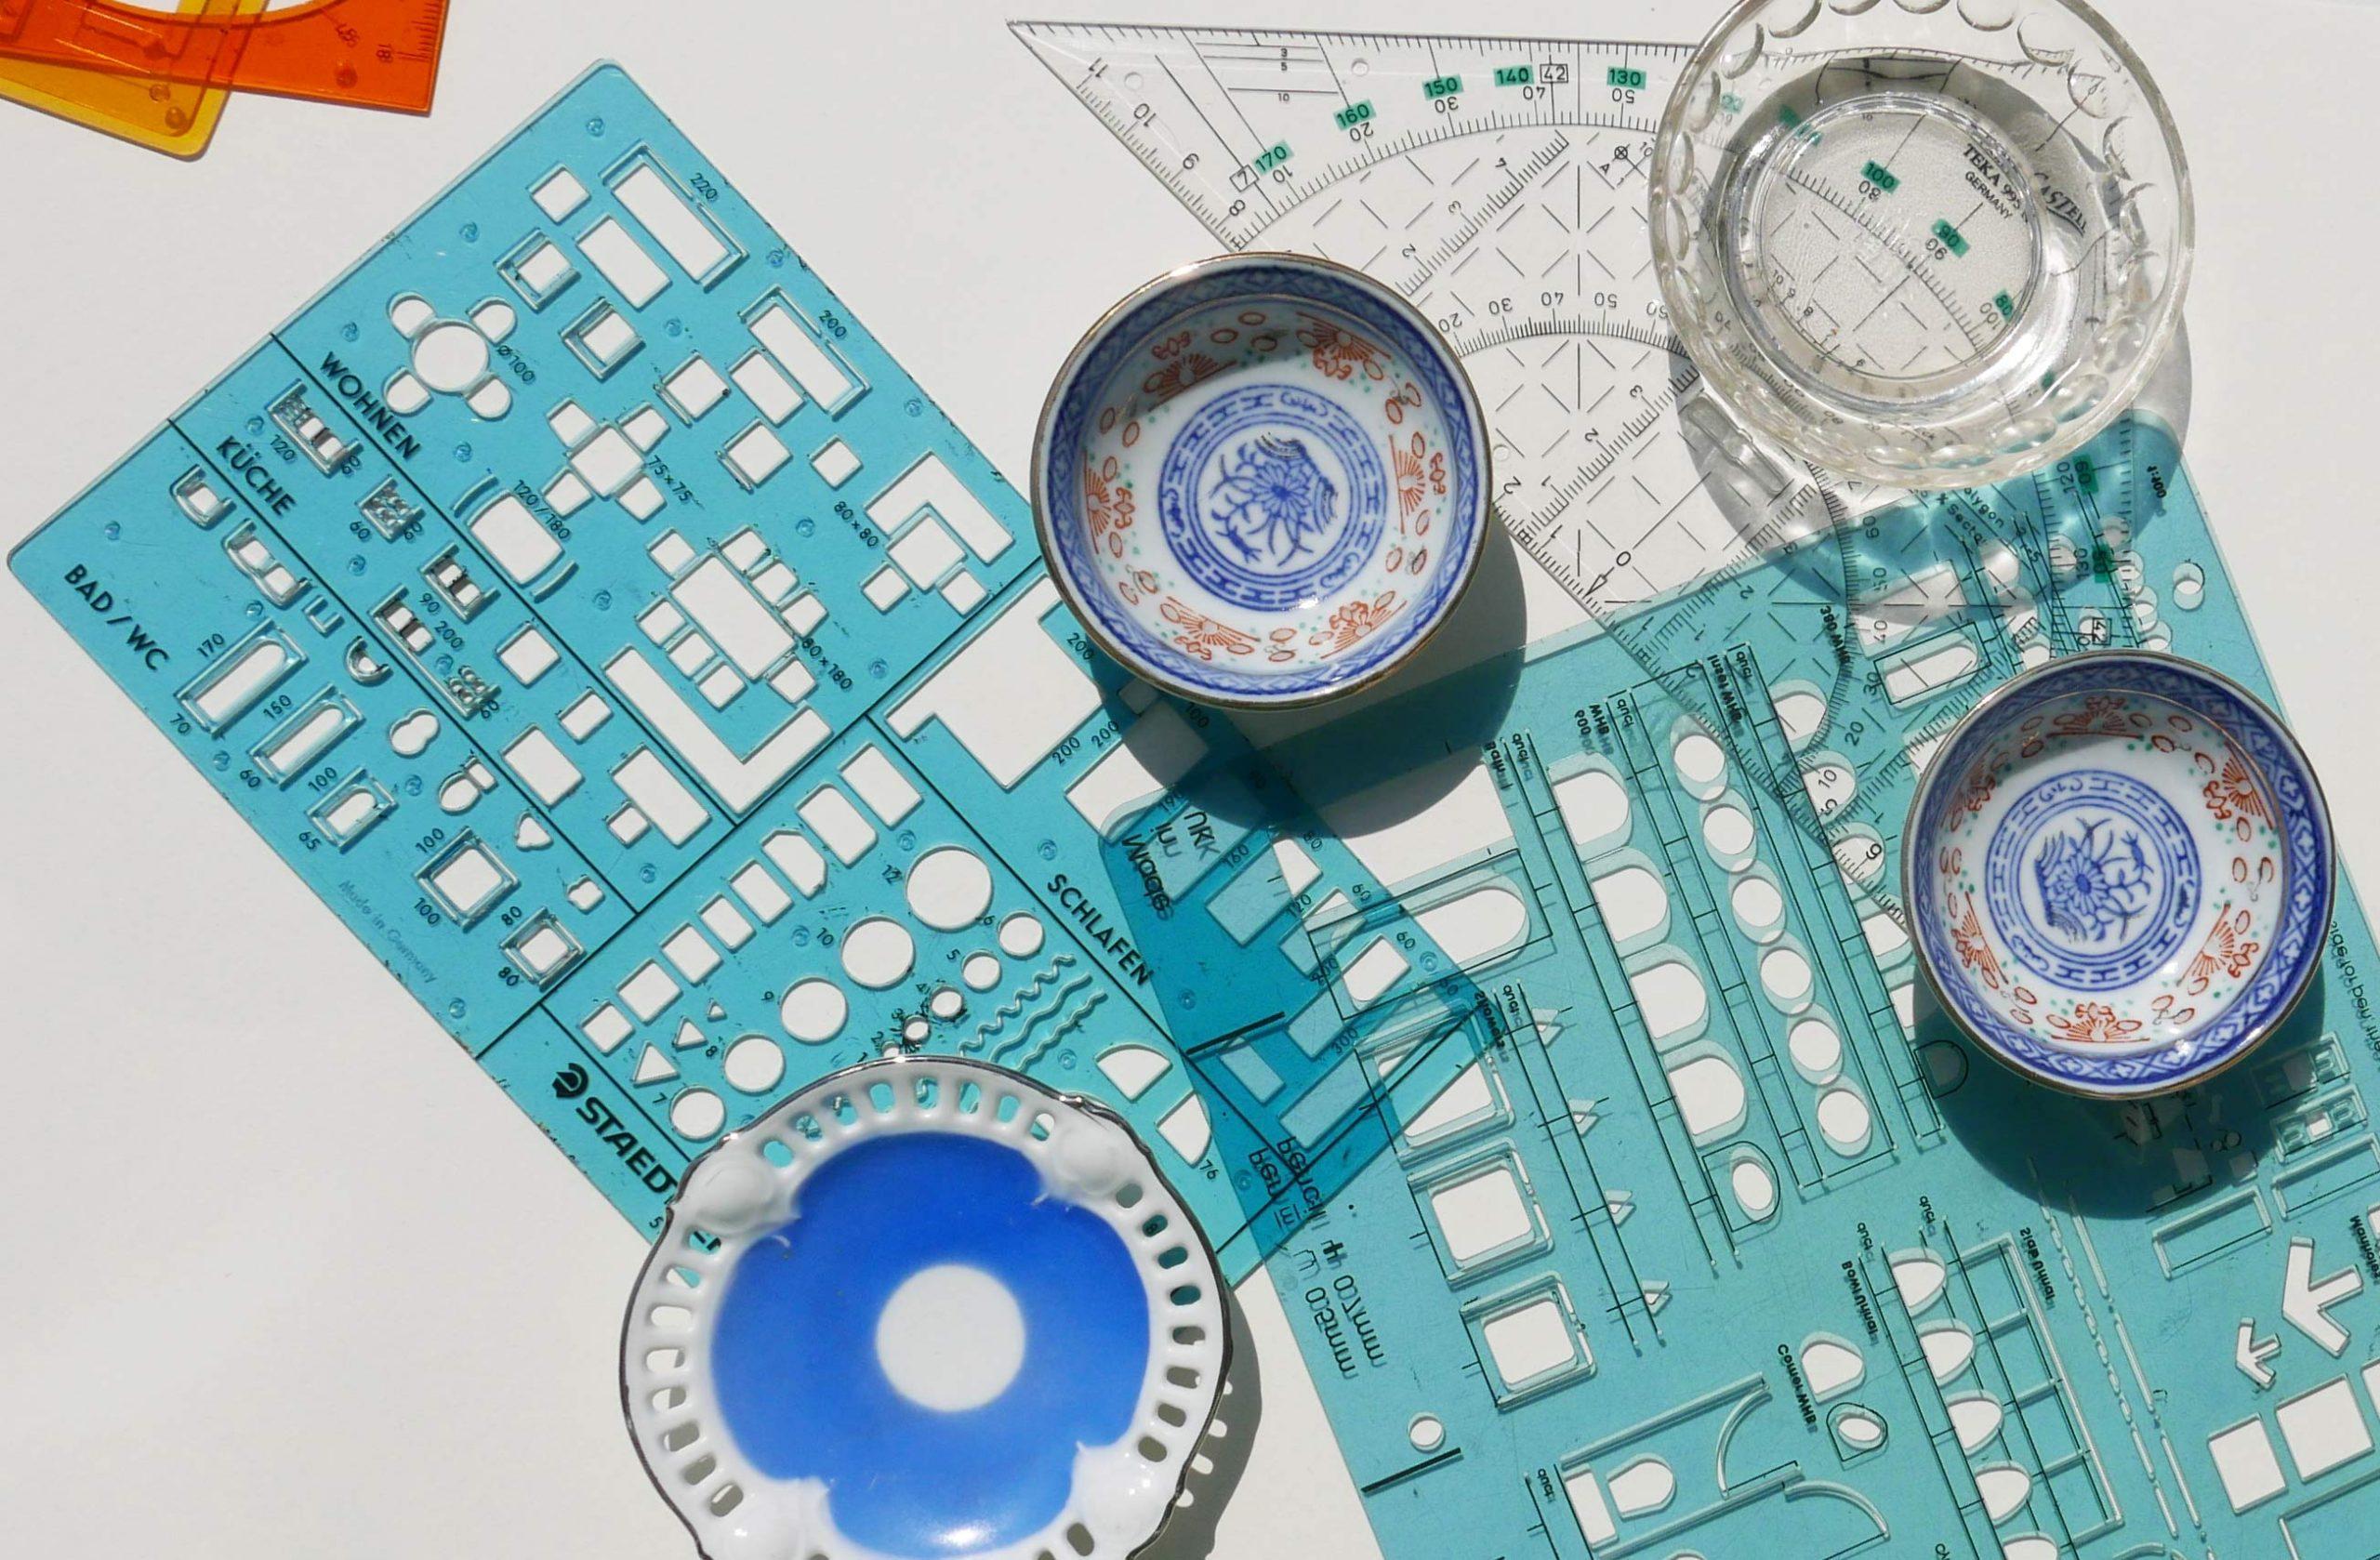 Kleine Porzellanteile und Architekturschablonen